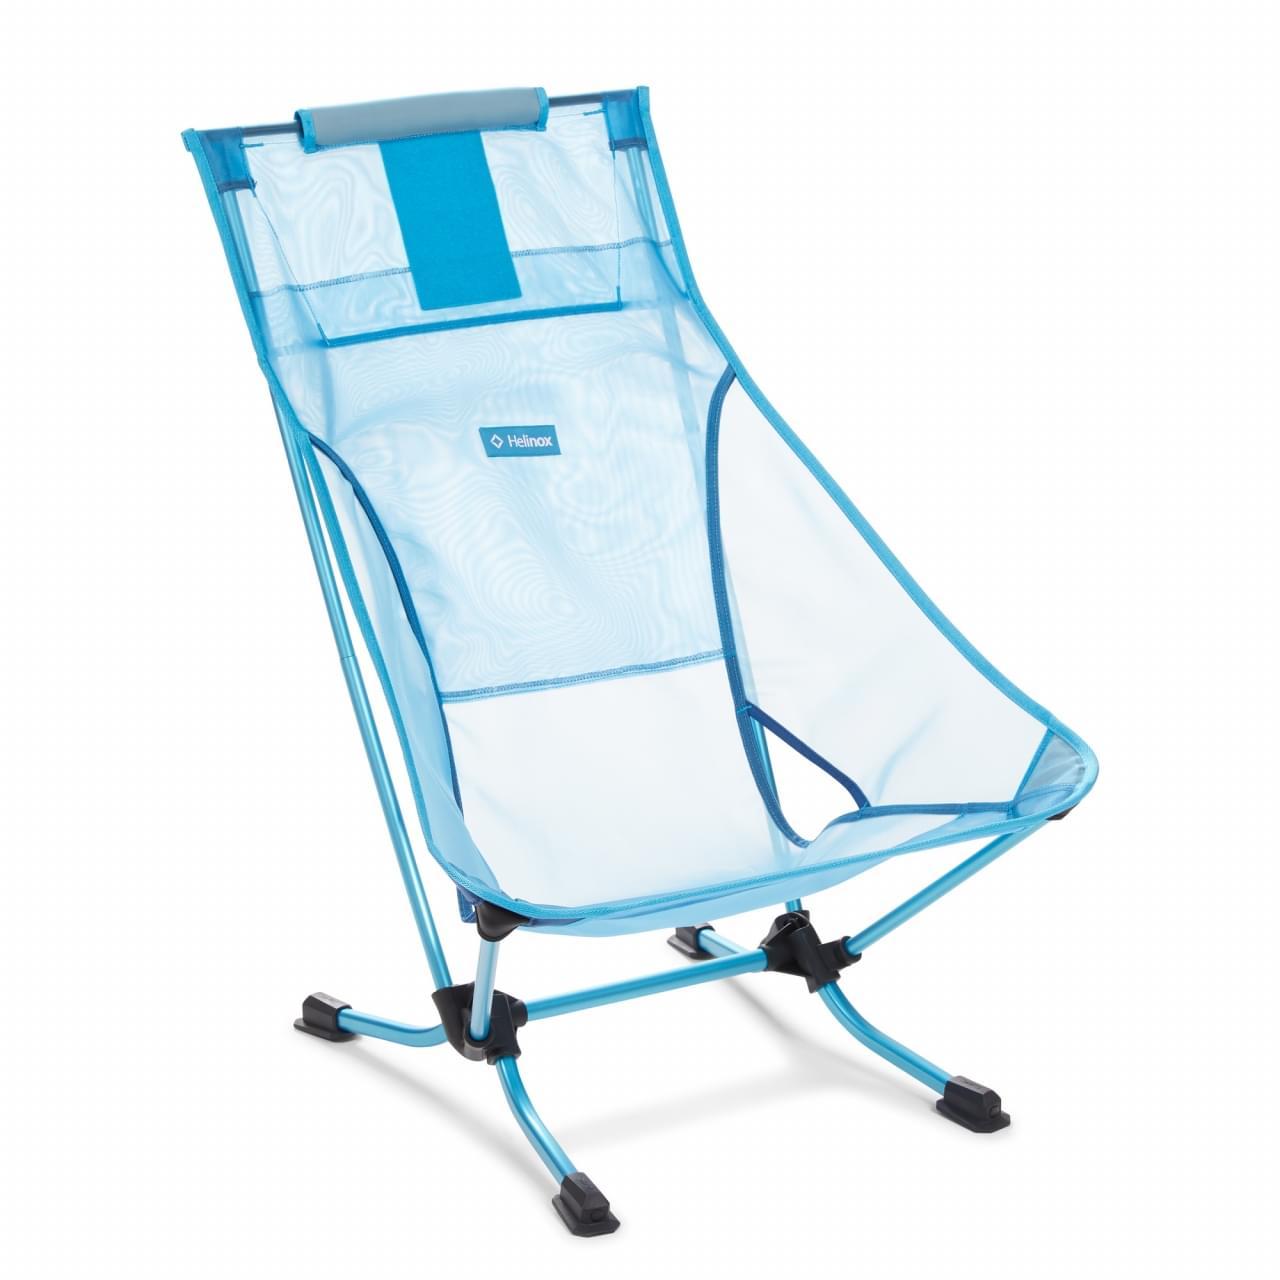 Helinox Beach Chair Mesh Lichtgewicht Stoel Blauw